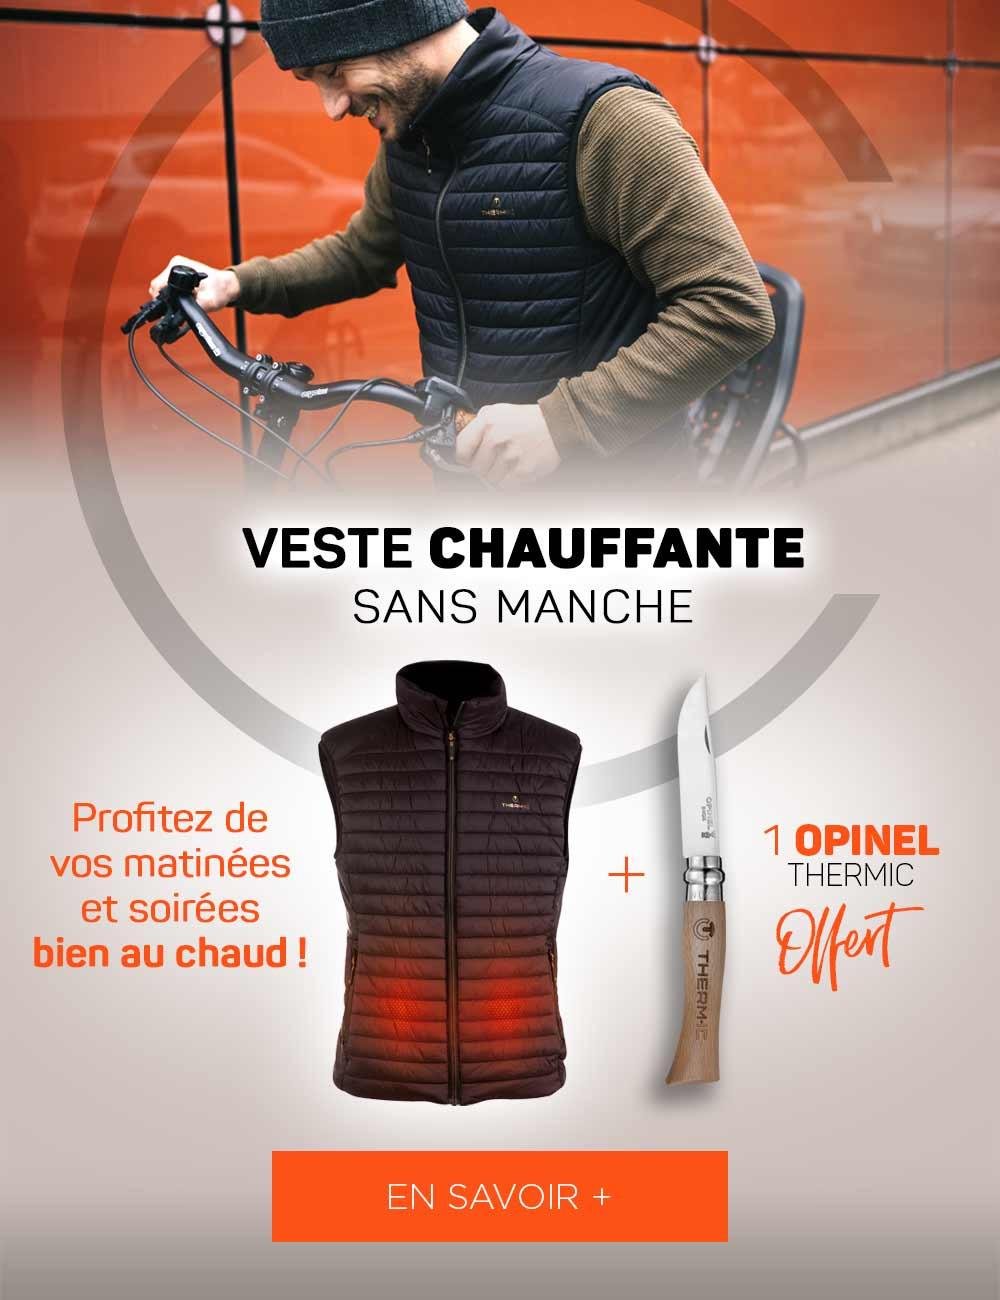 Pour l'achat d'une veste sans manche chauffante avec sa batterie, un Opinel OFFERT !